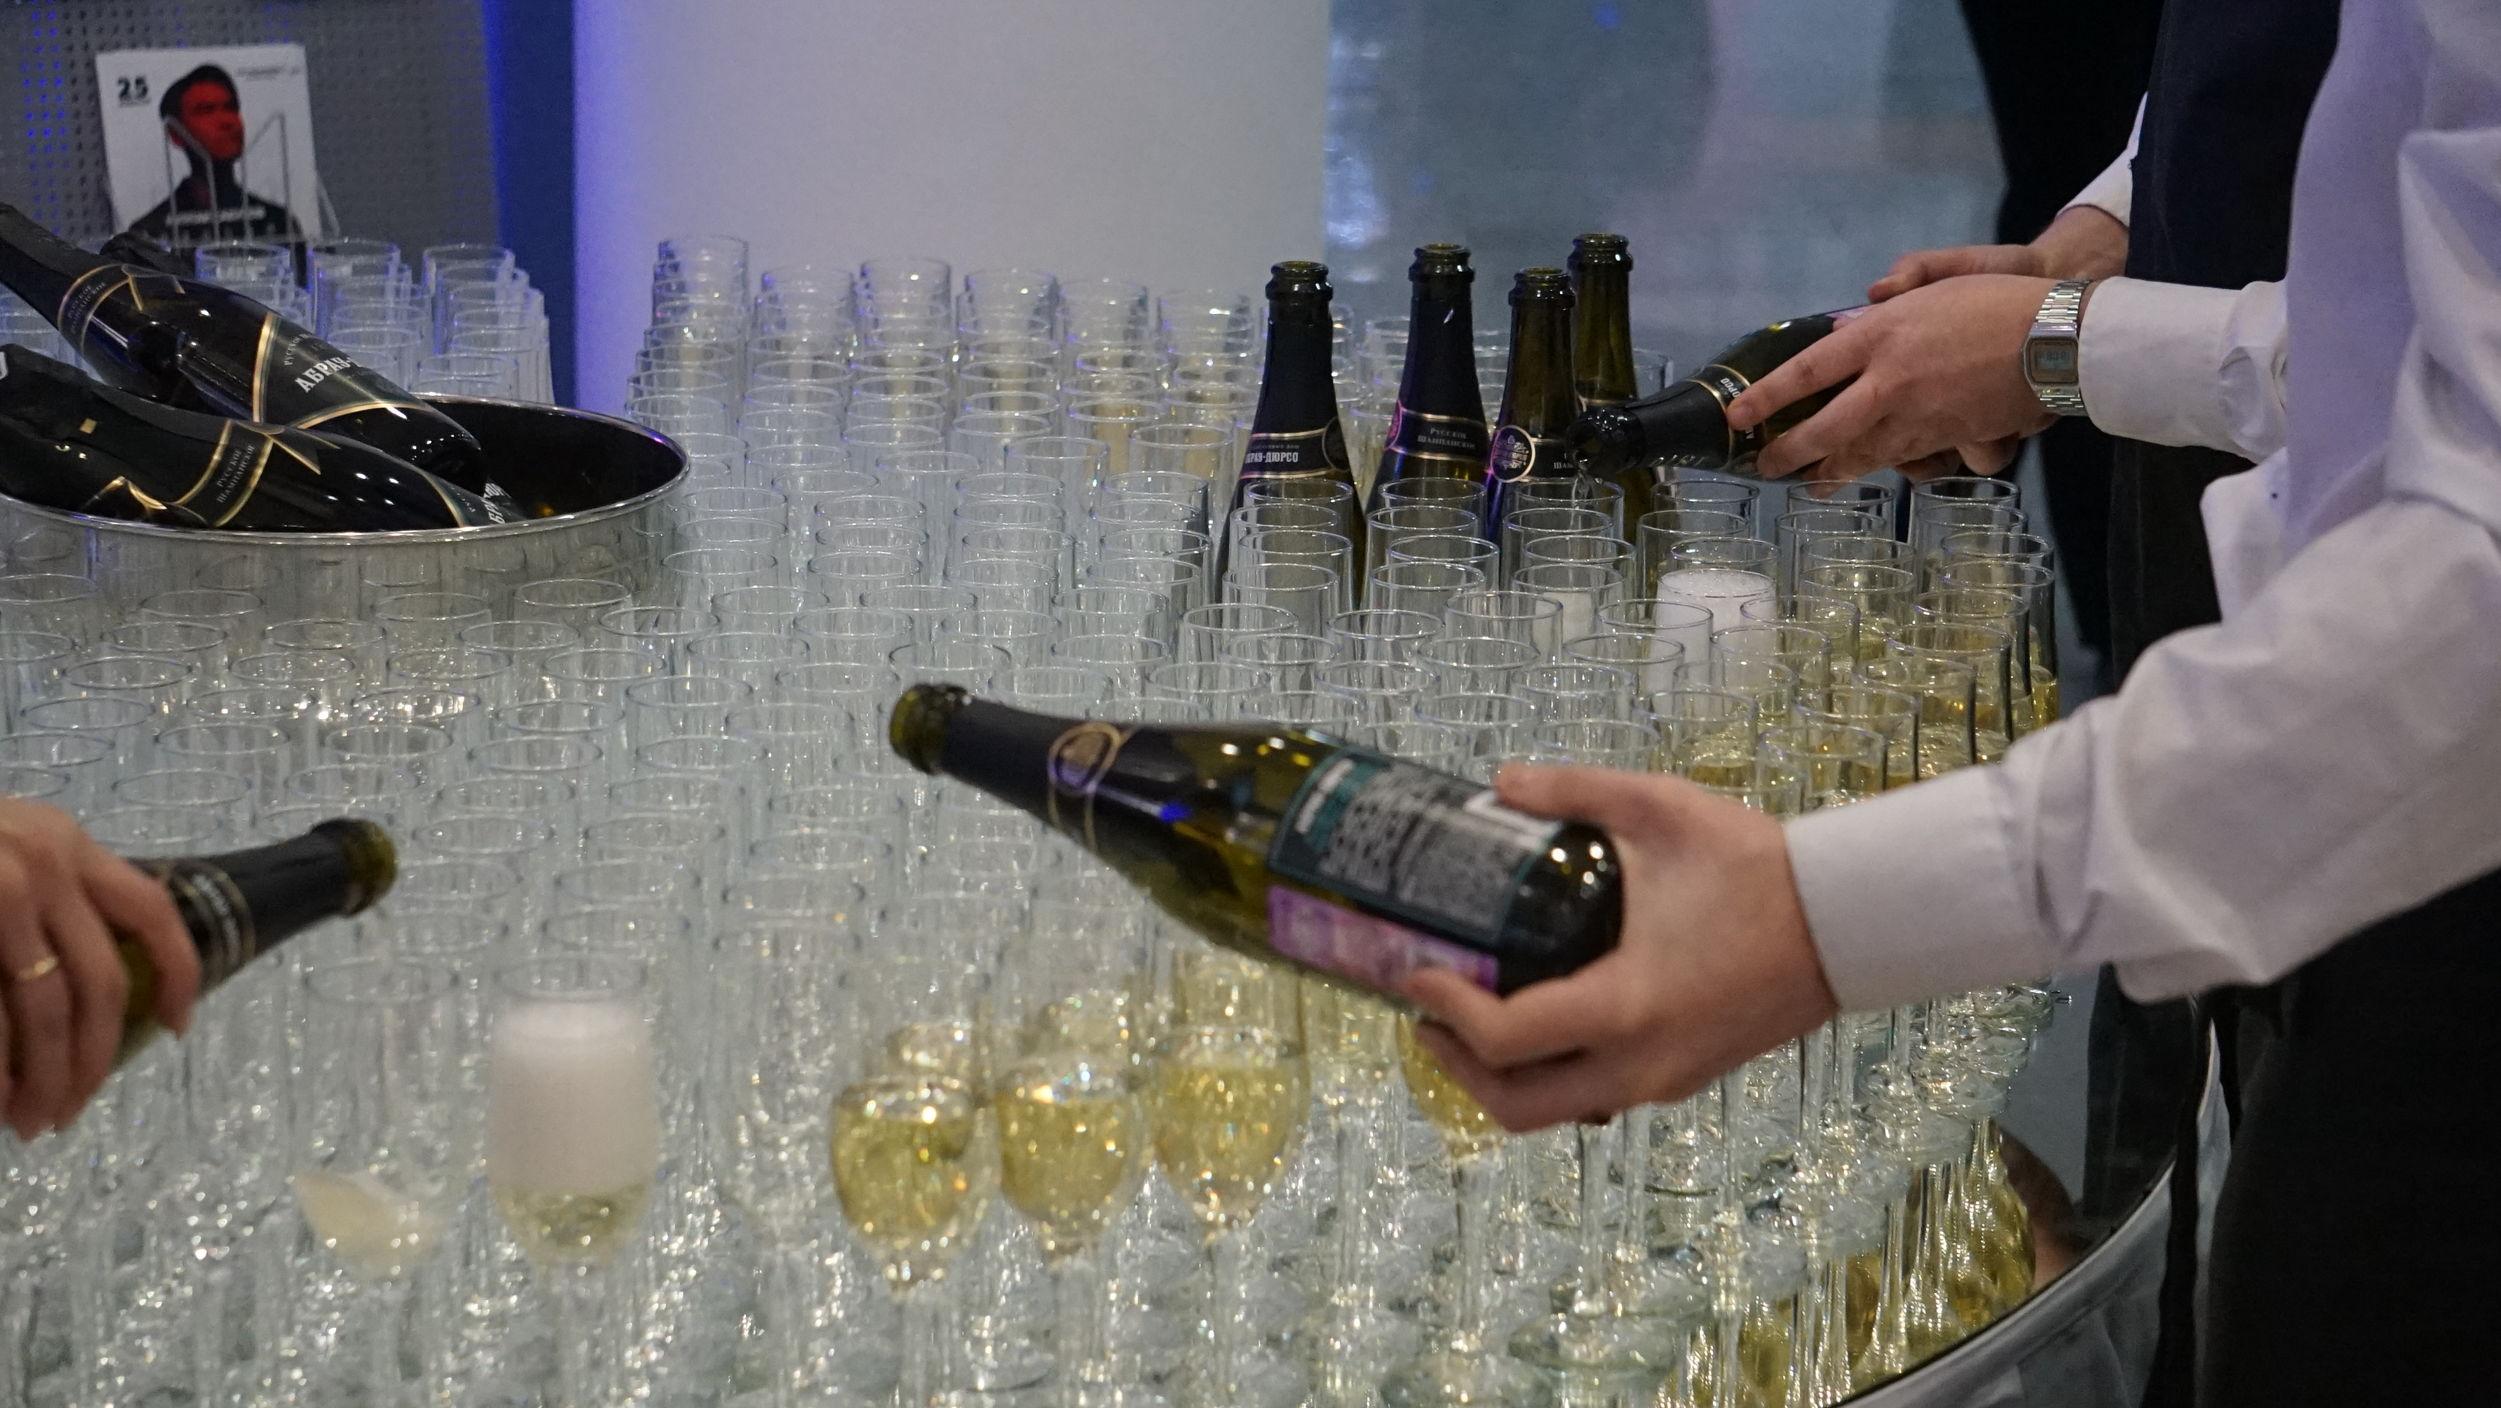 Правительство Ярославской области разрешило отелям празднование новогодней ночи